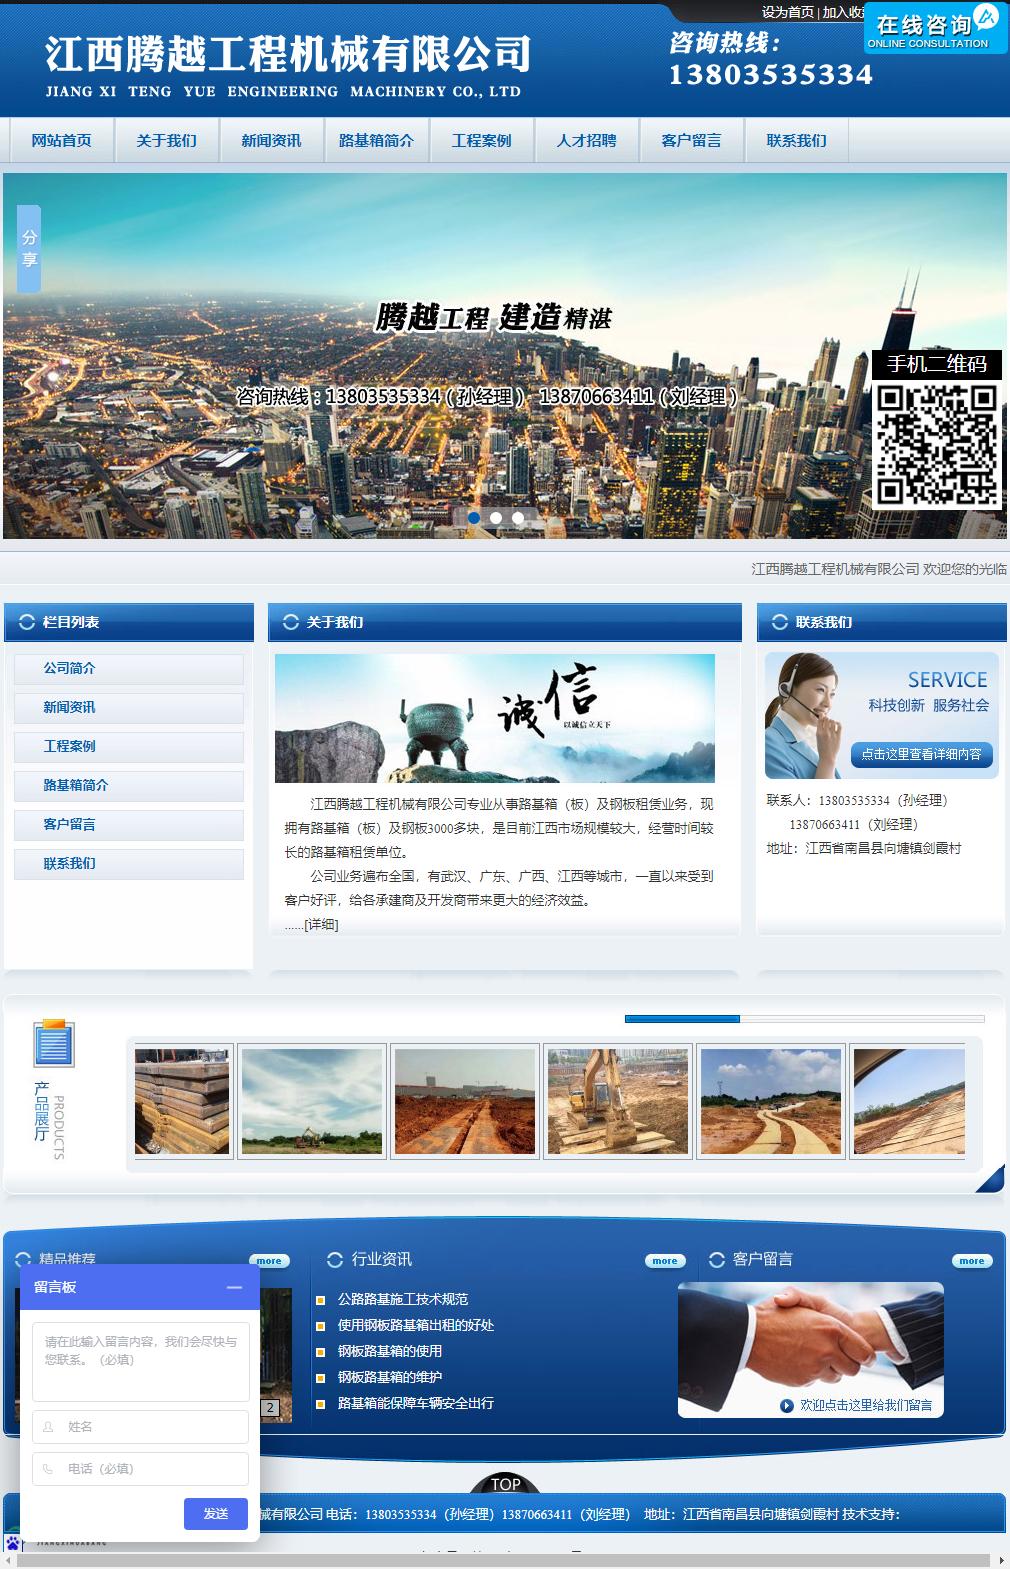 江西腾越工程机械有限公司网站案例